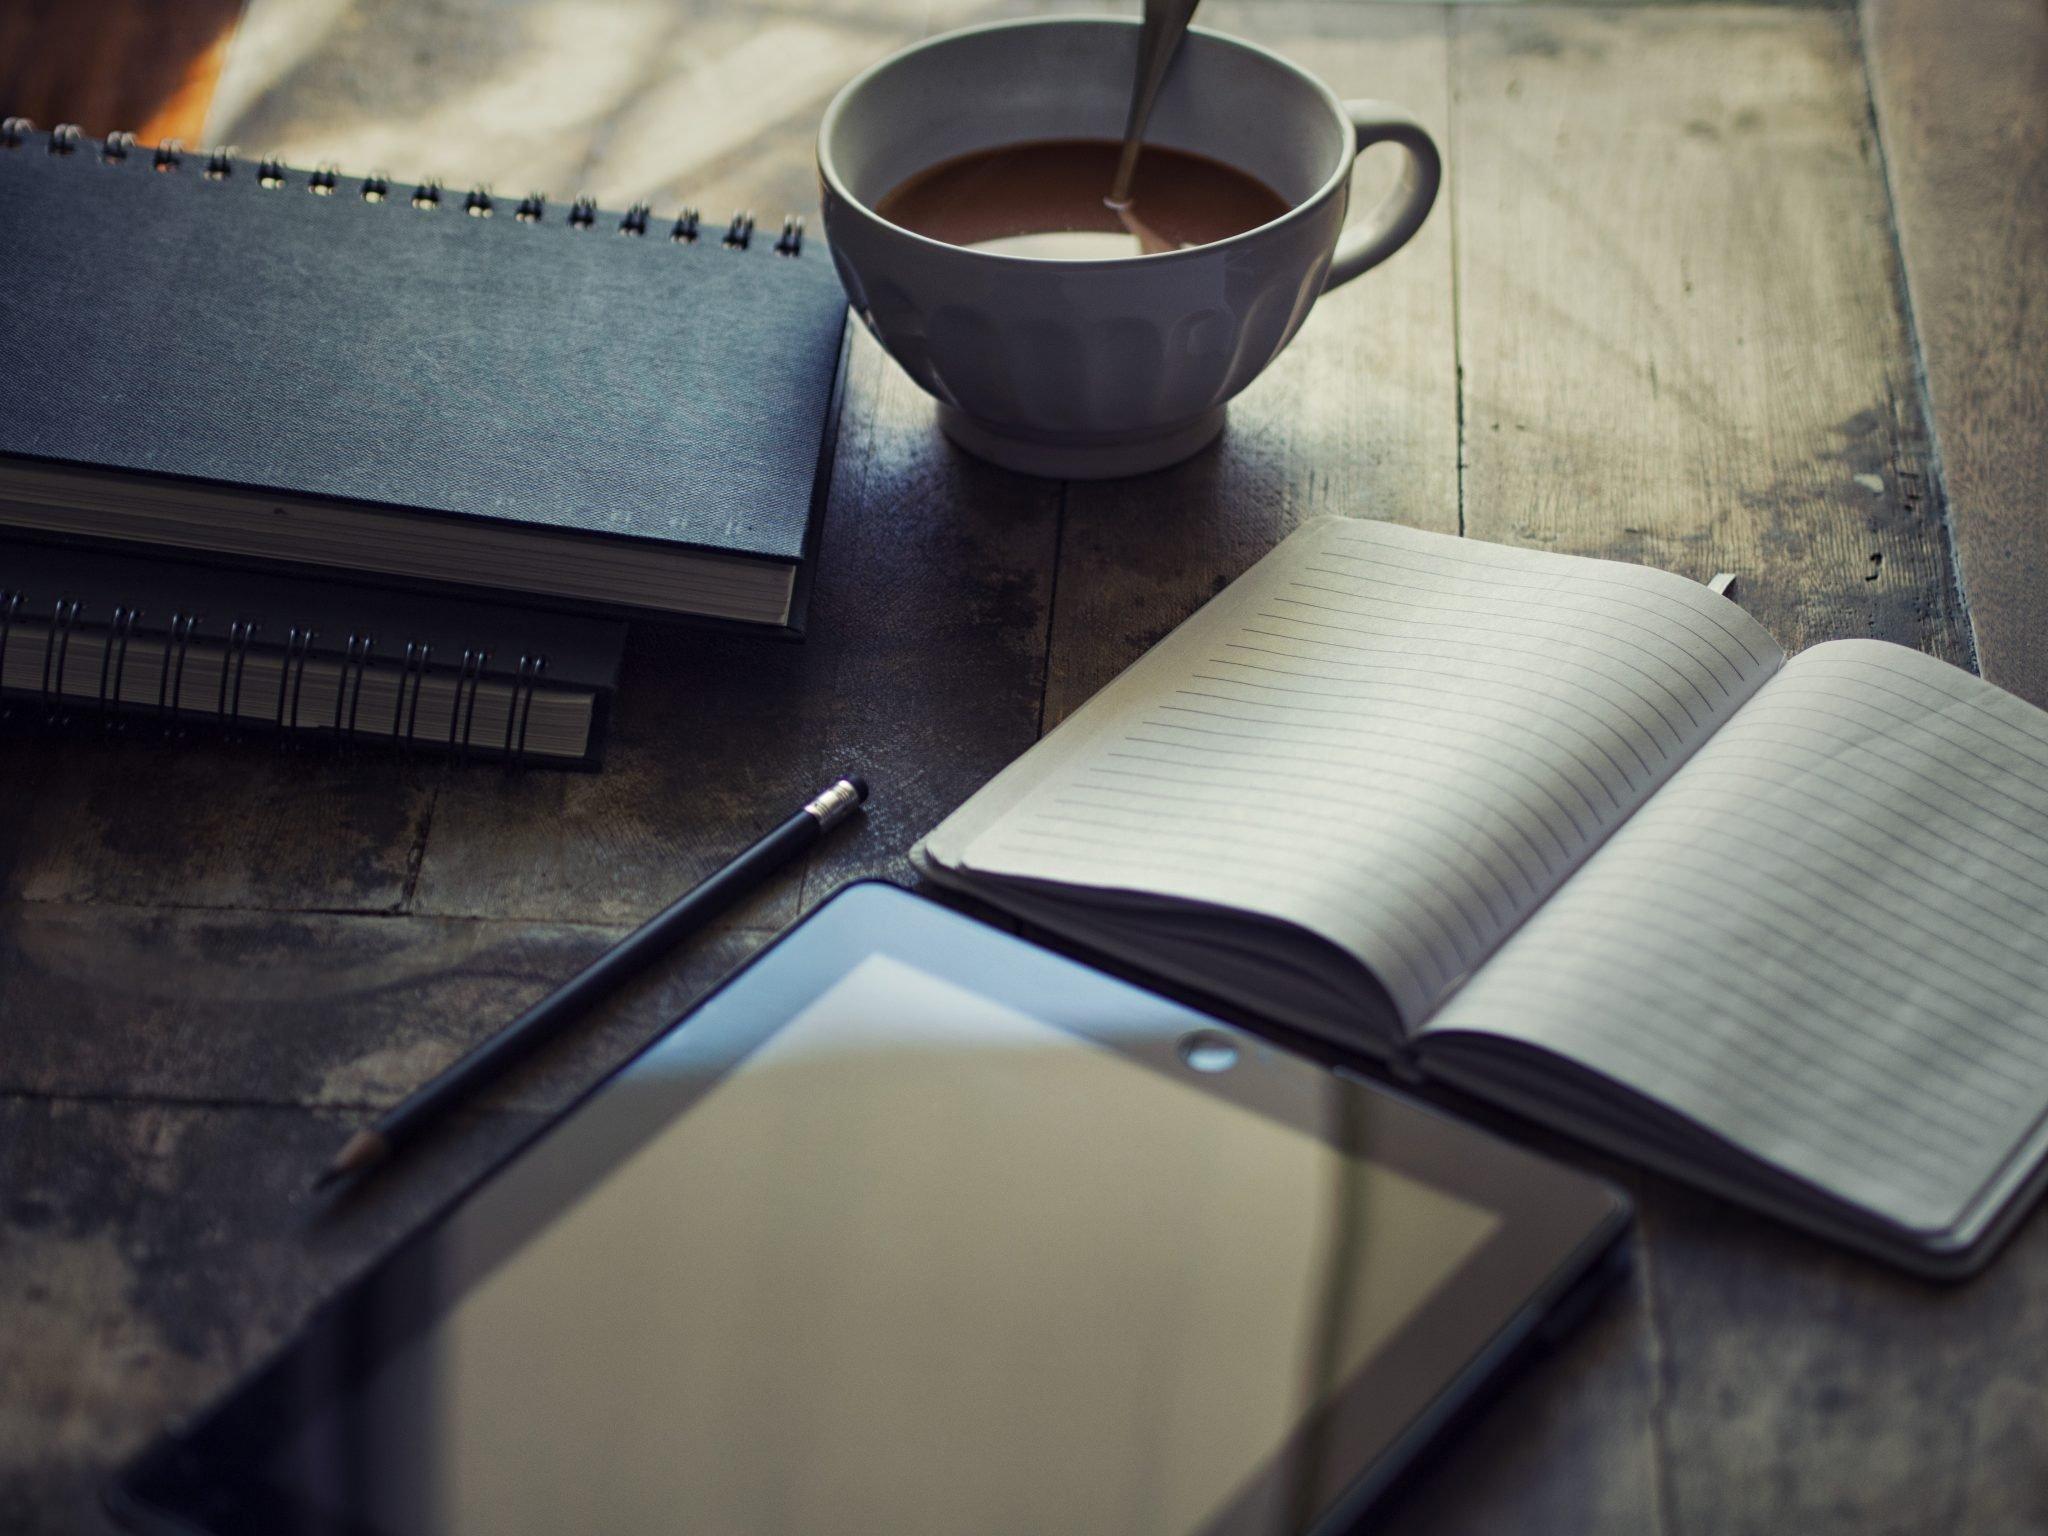 дневник и кофе